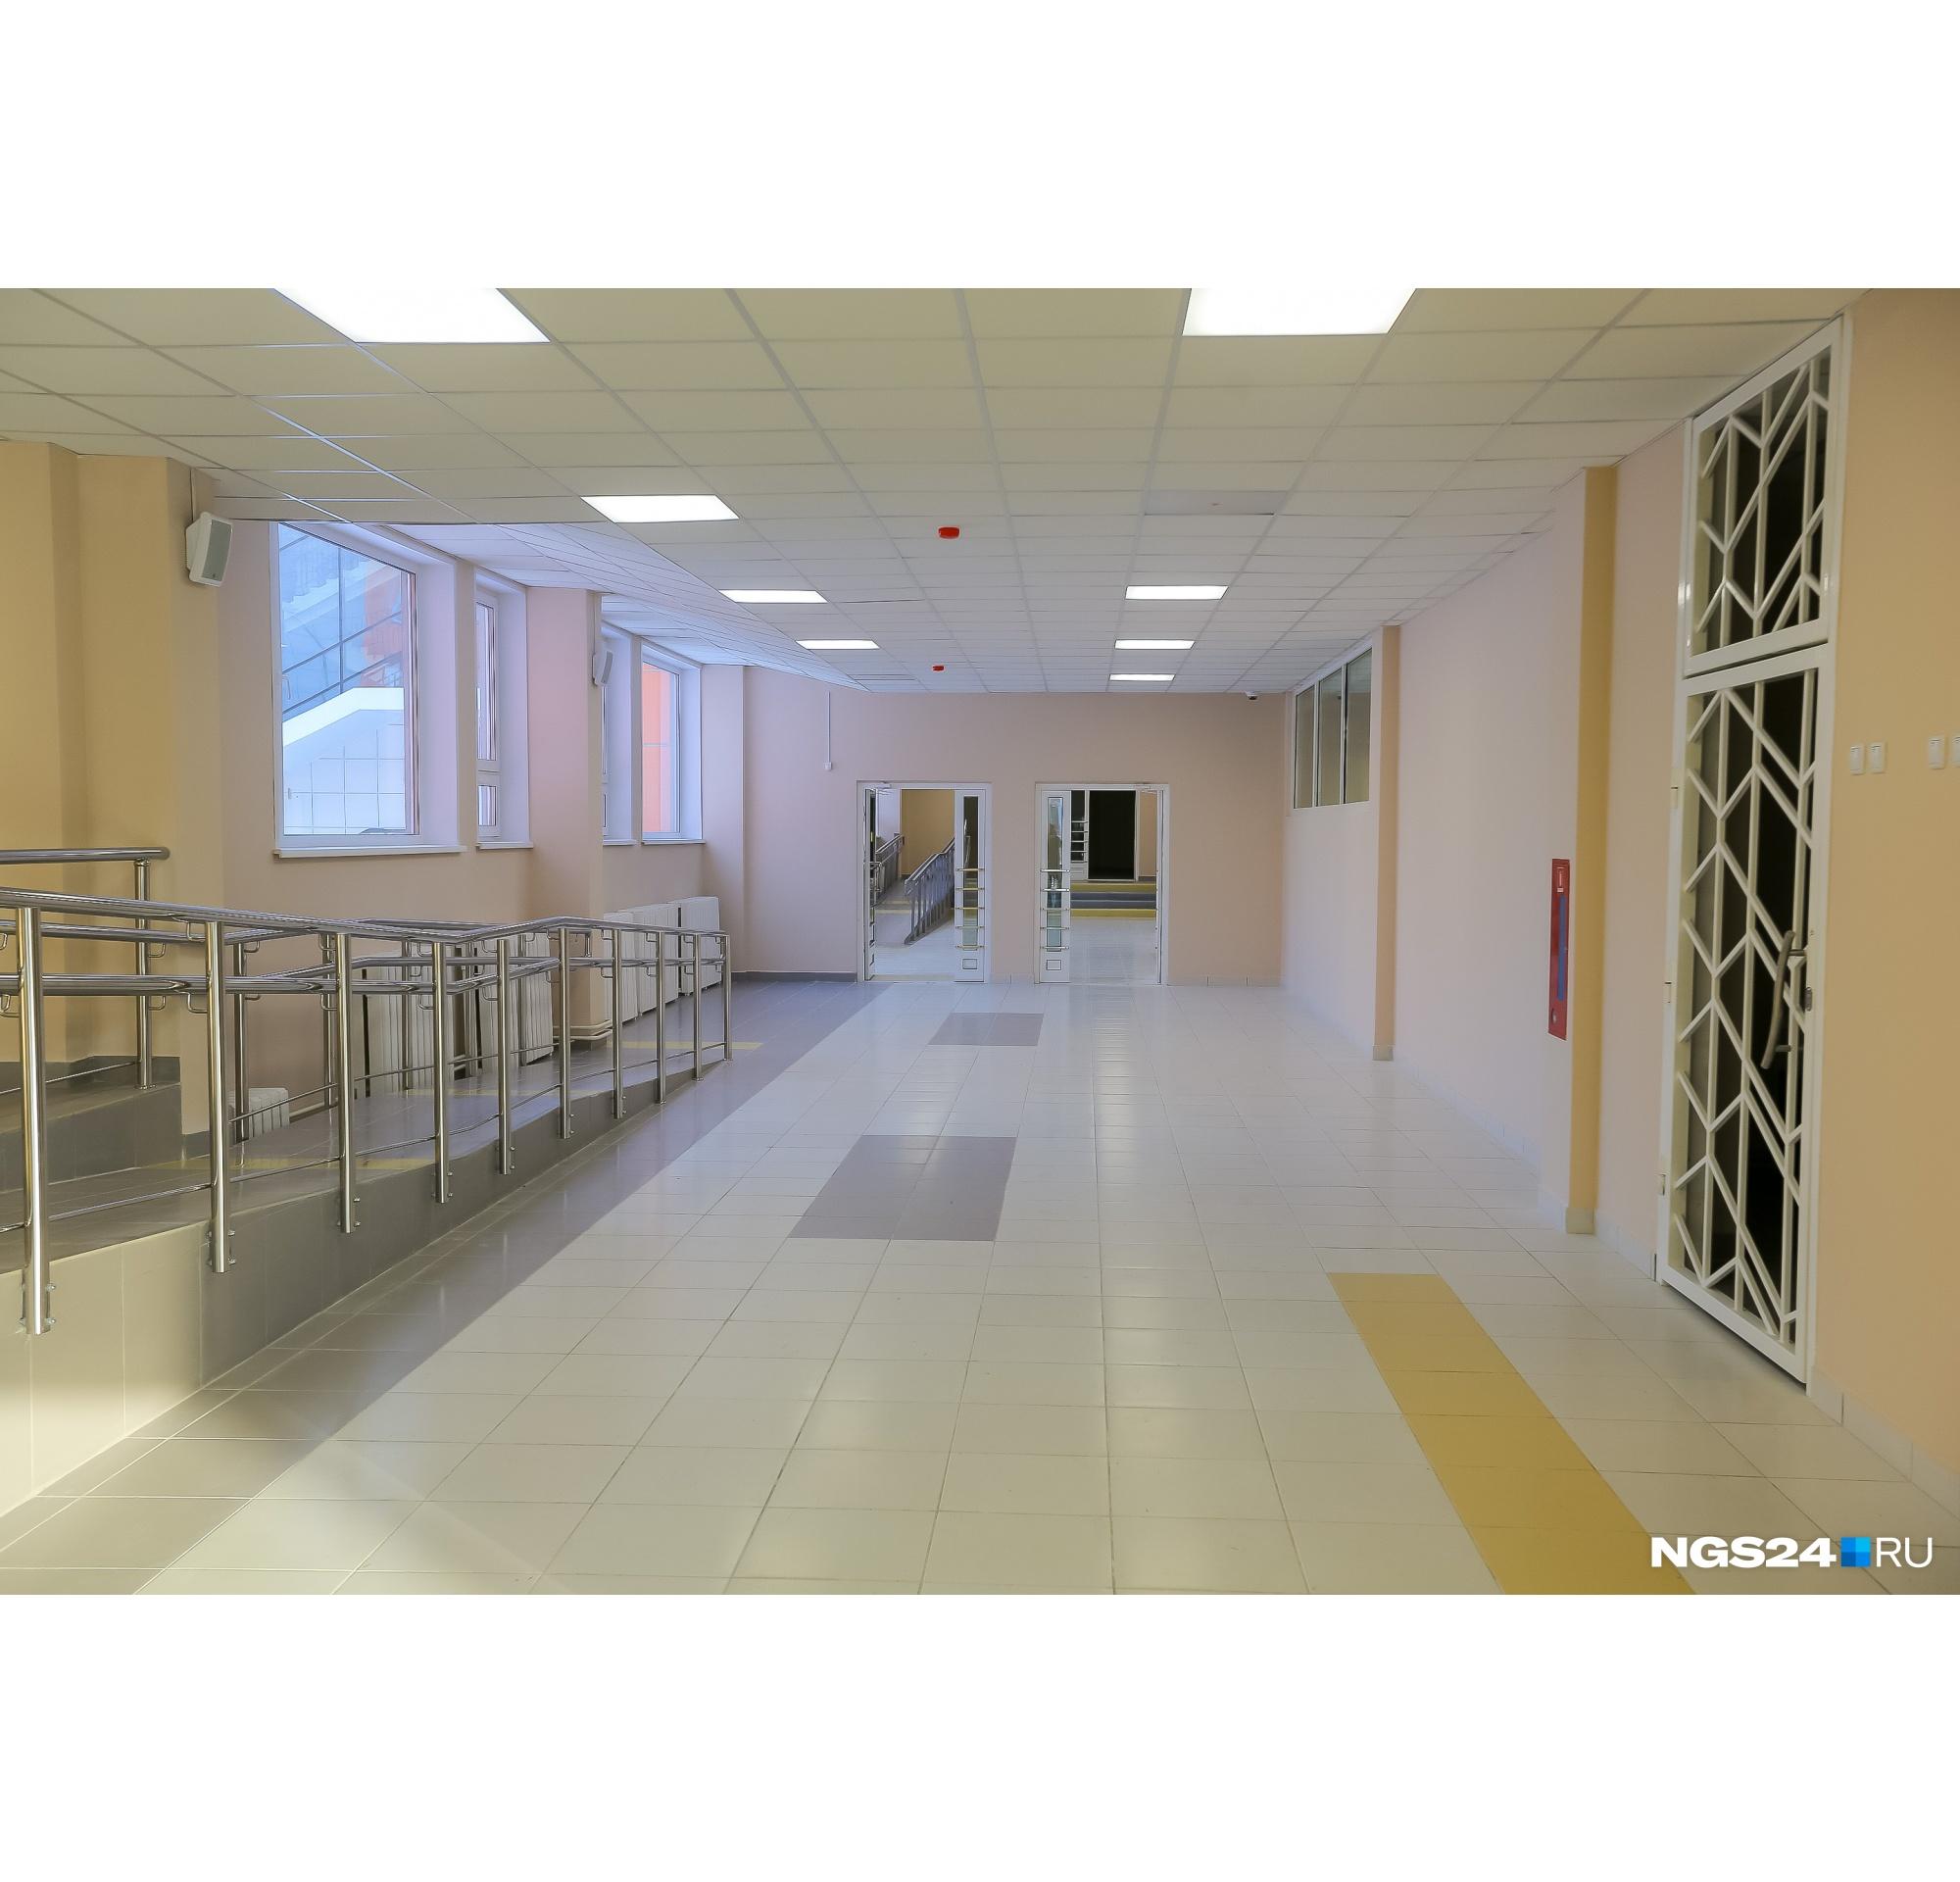 У каждой лестницы в школе есть пандусы